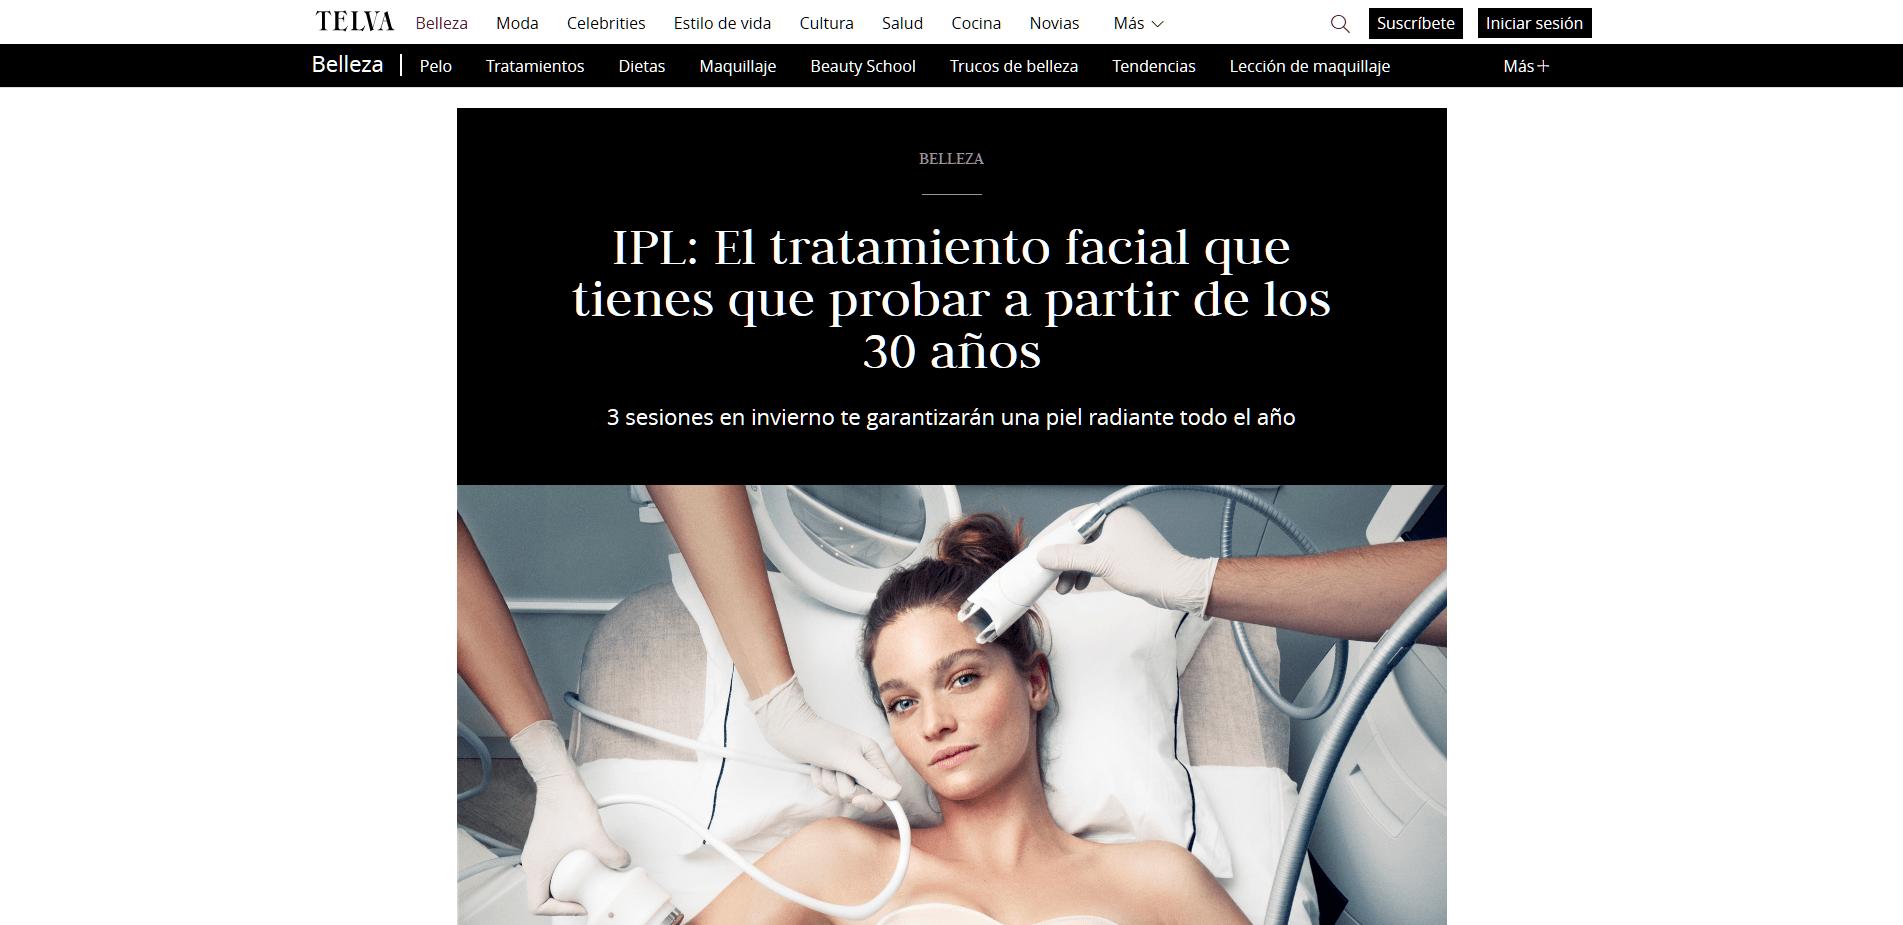 Peluqueria Vigo Sirope IPL El tratamiento facial que tienes que probar a partir de los 30 años